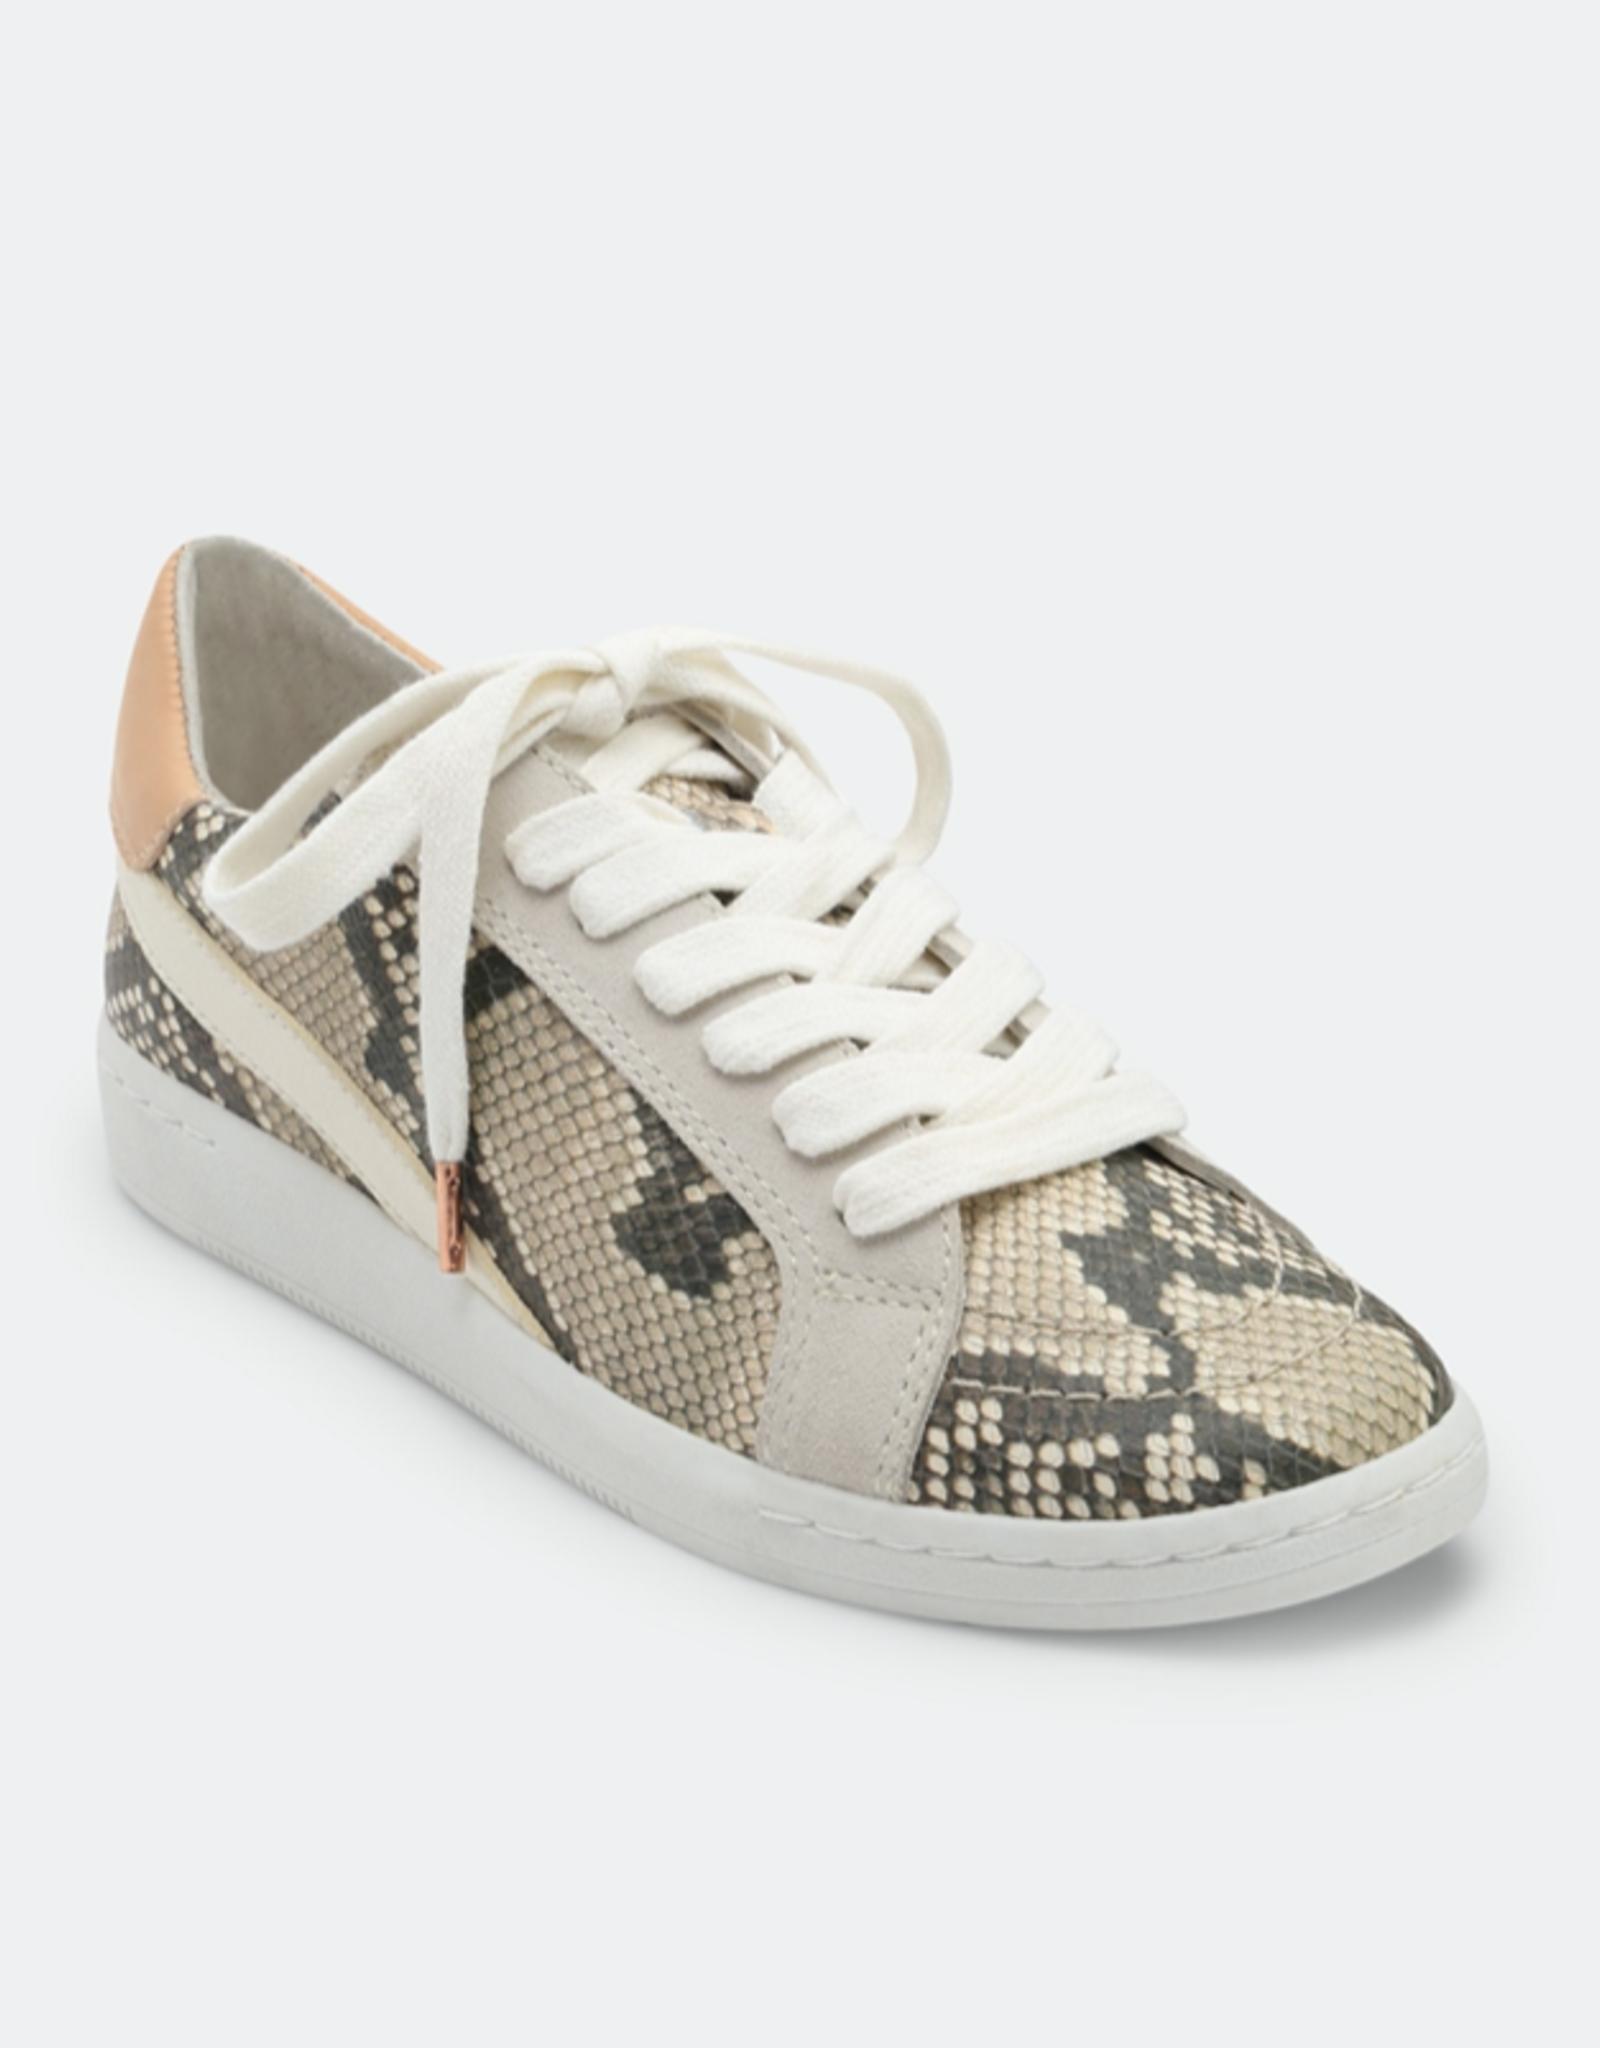 Dolce Vita - Nino Sneaker, Snake Print